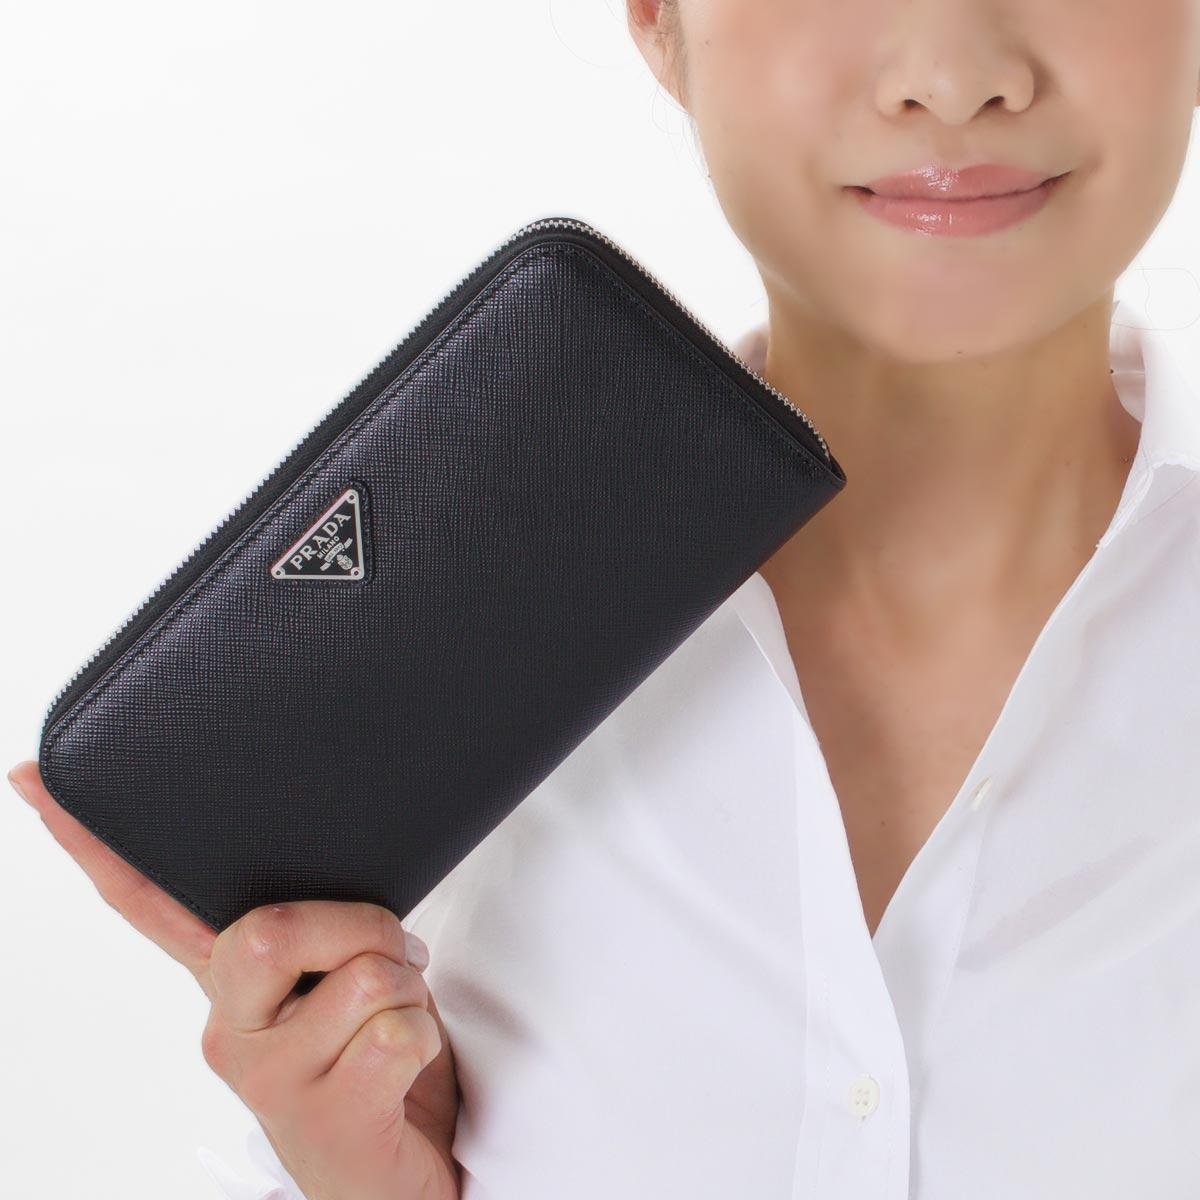 プラダ 長財布 財布 メンズ レディース SAFFIANO TRIANG ブラック 1ML506 QHH F0632 PRADAv80nmNw